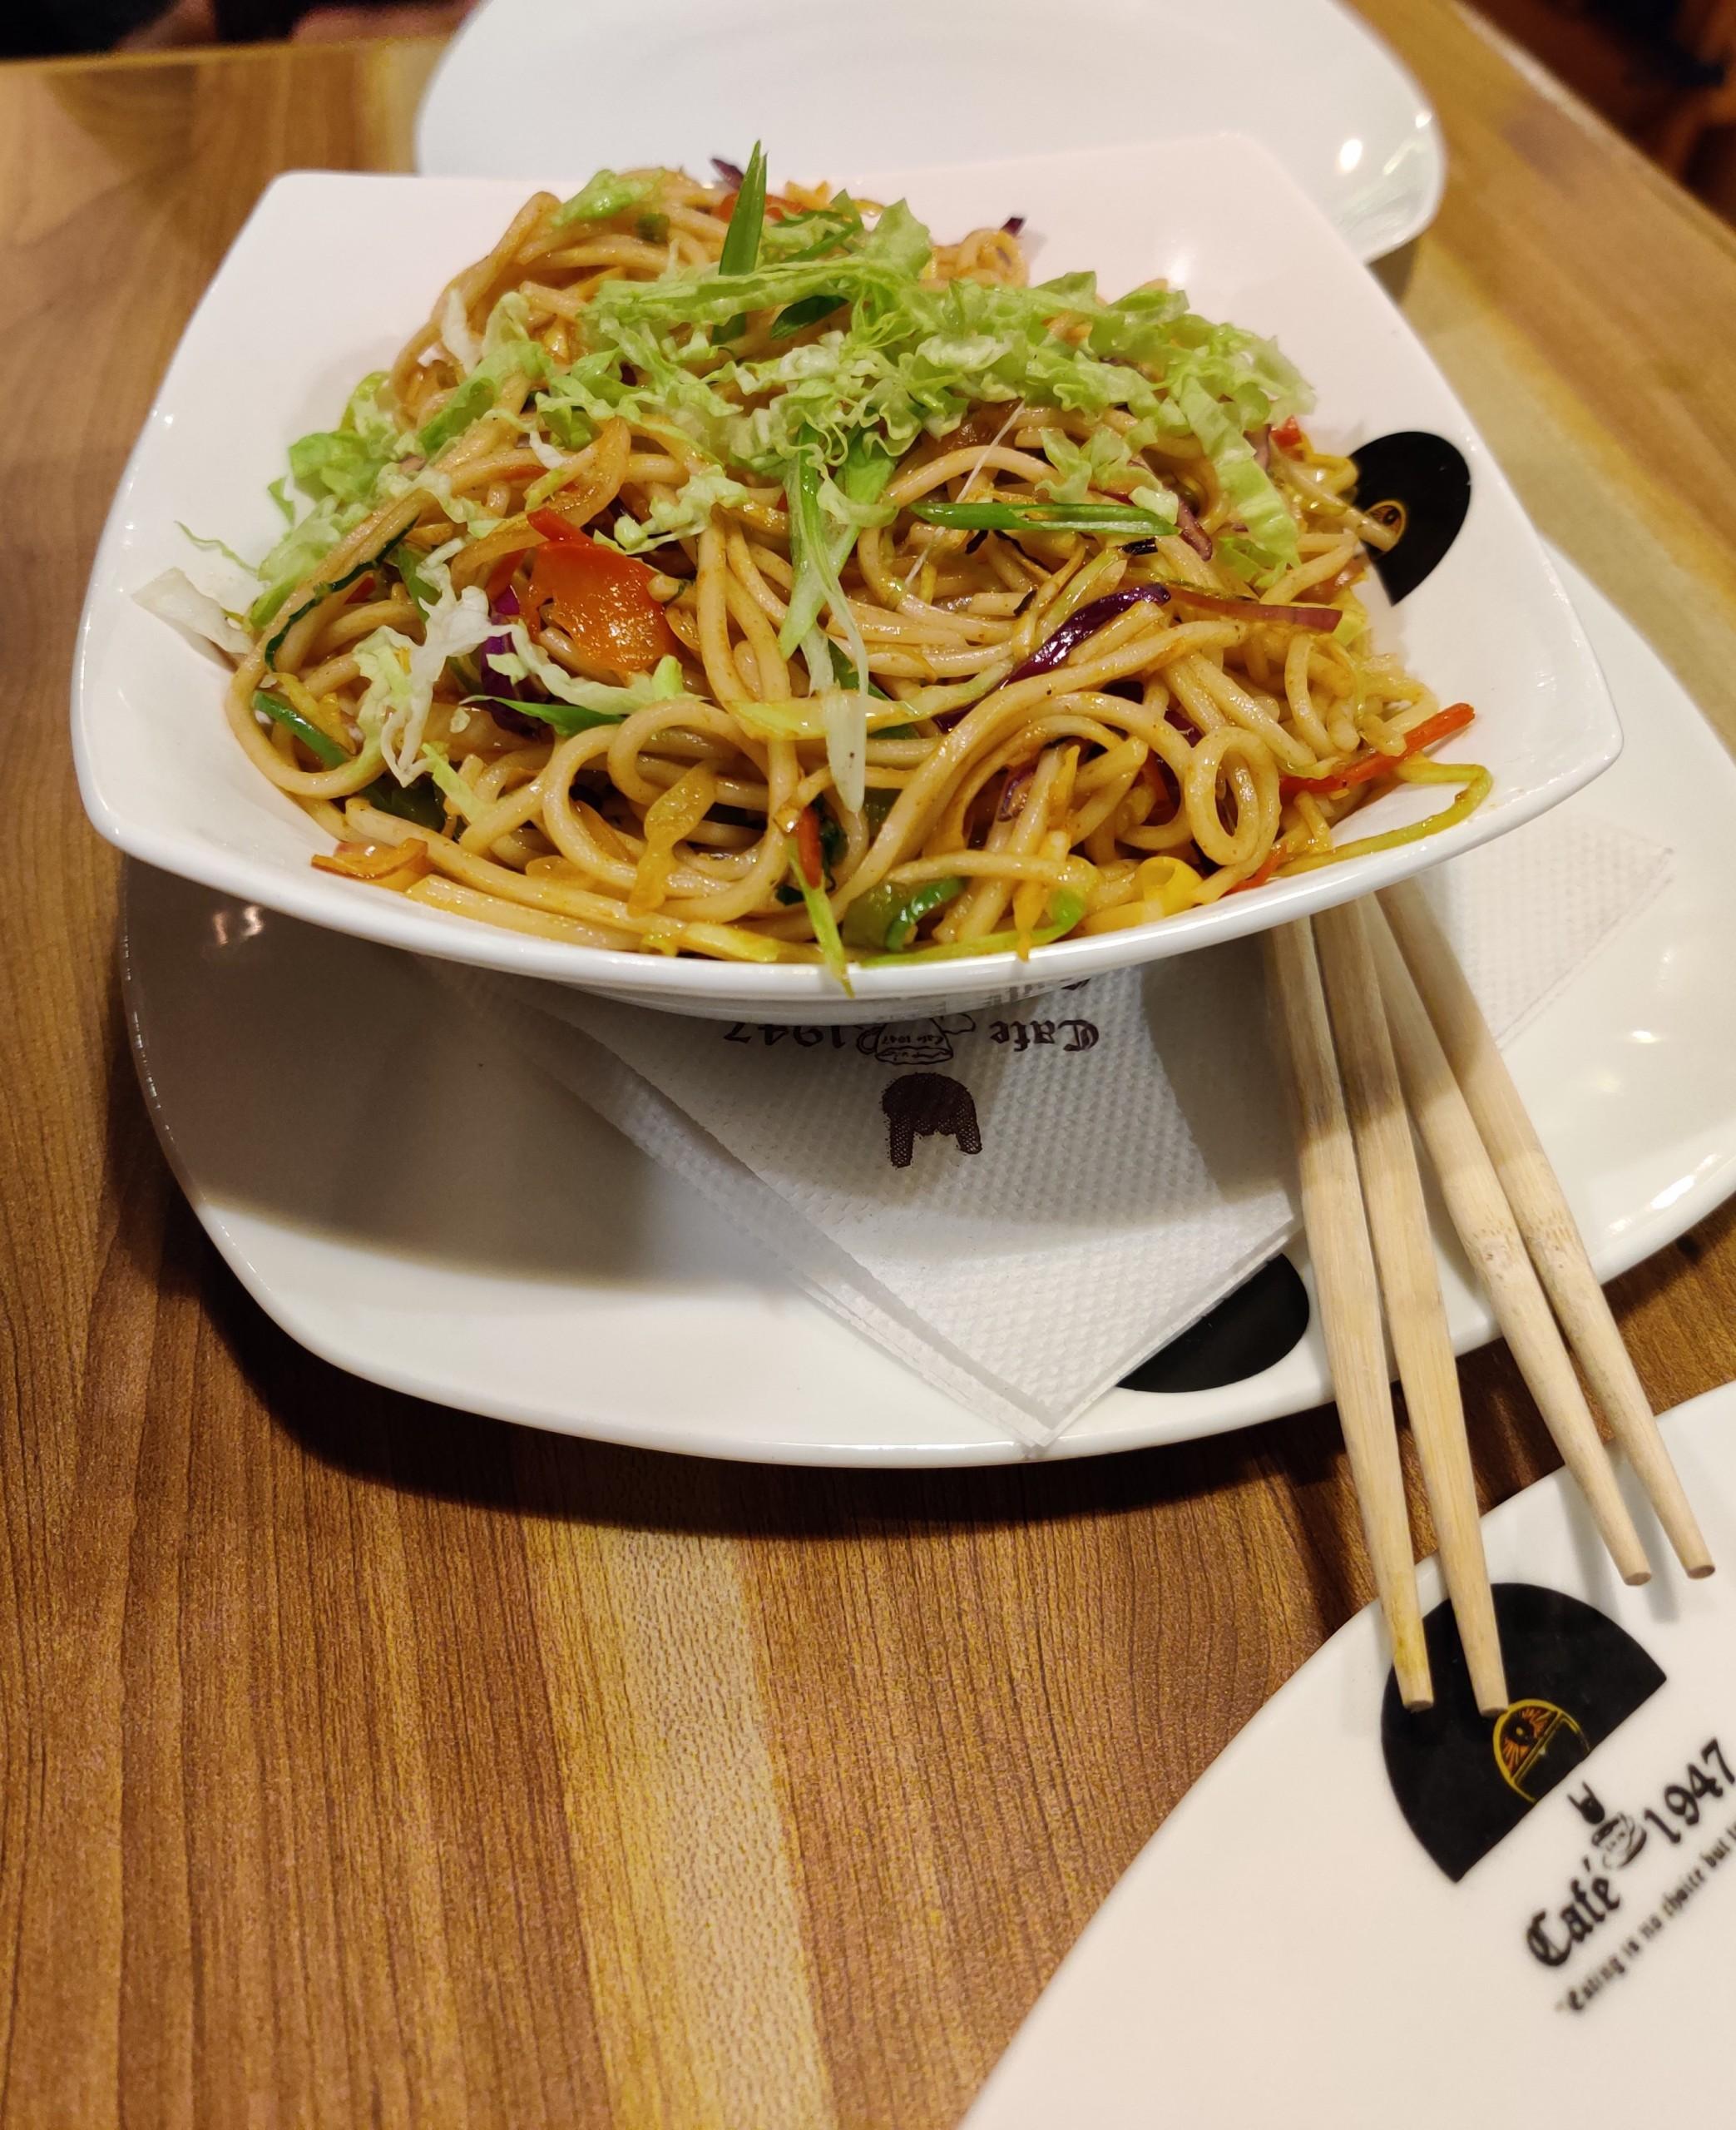 Singapore hakka noodles vegetarian